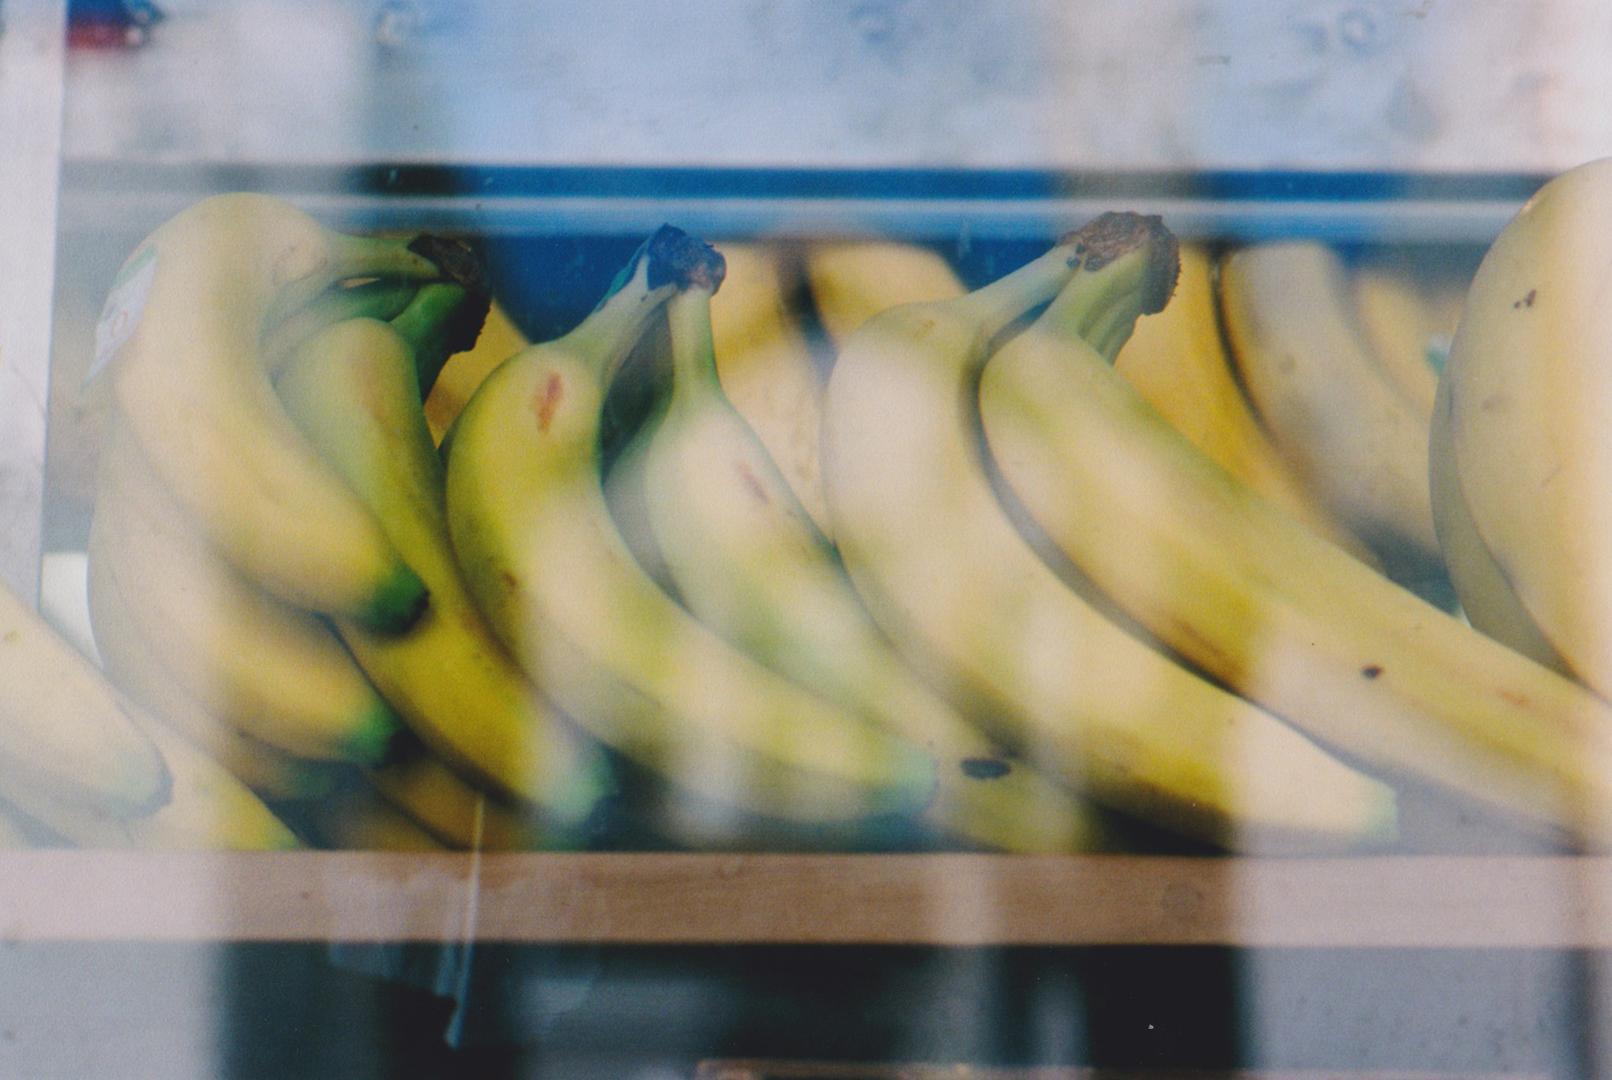 bananas_analogue.jpg